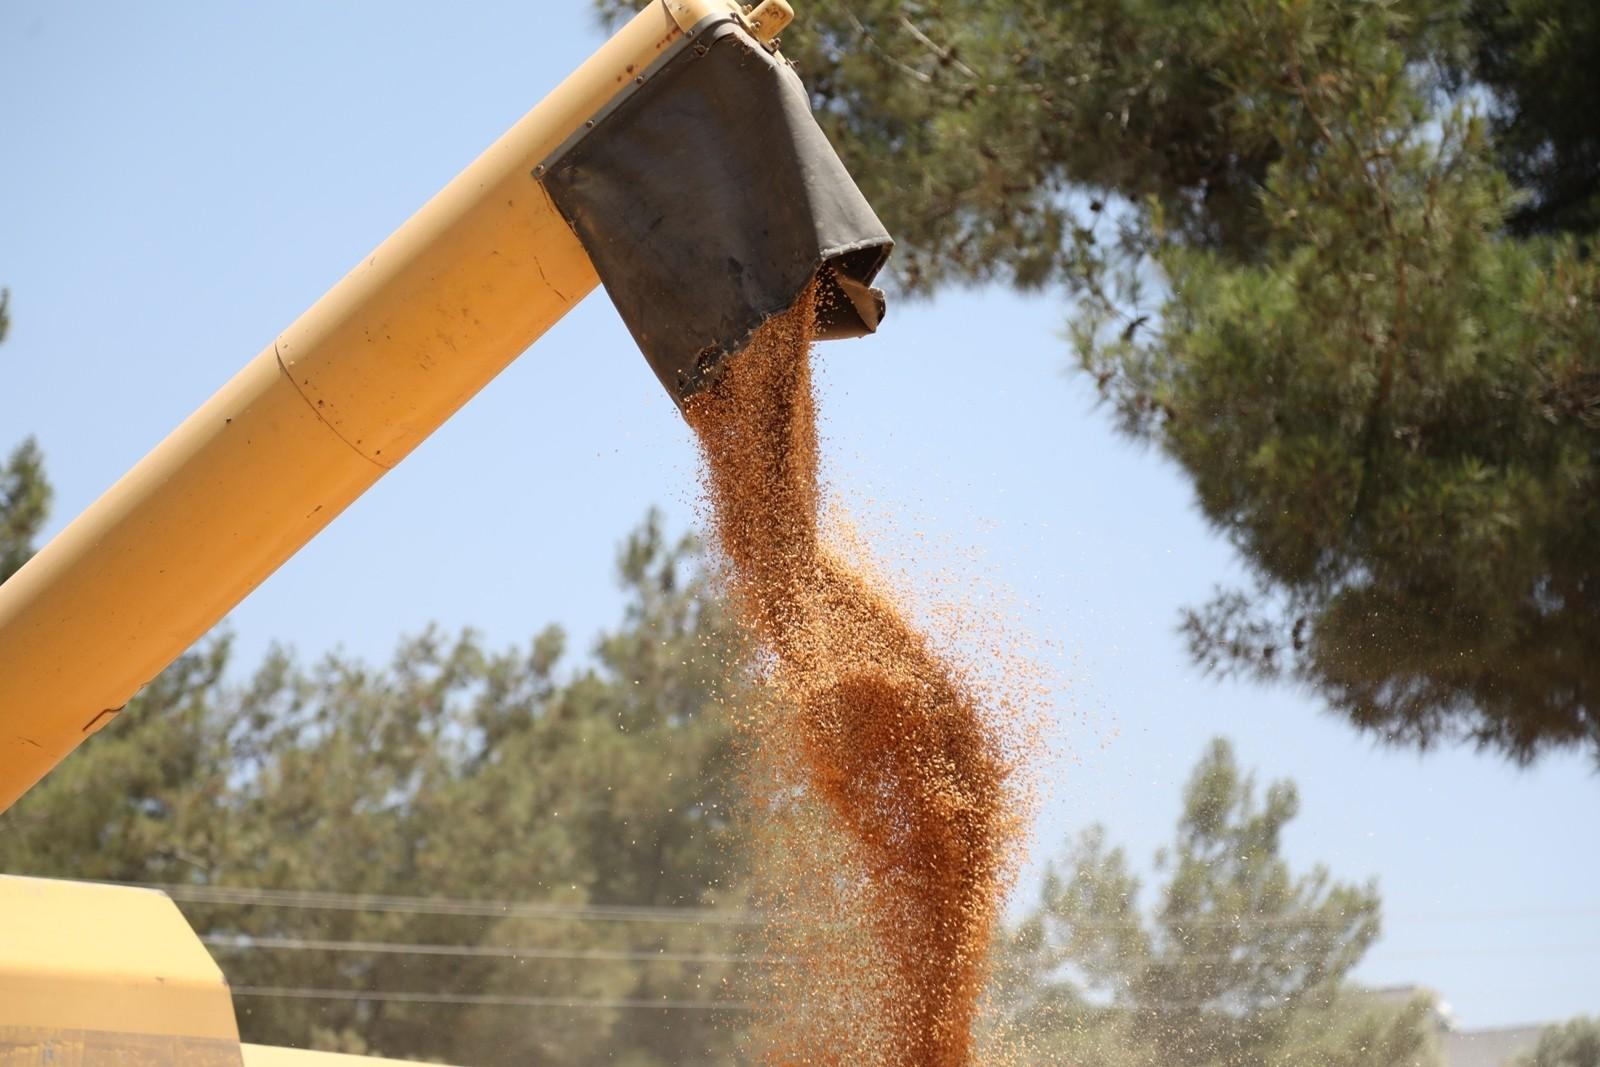 Ata tohumu Karakılçık Buğdayı'nın ilk hasadı Karaova'da yapıldı